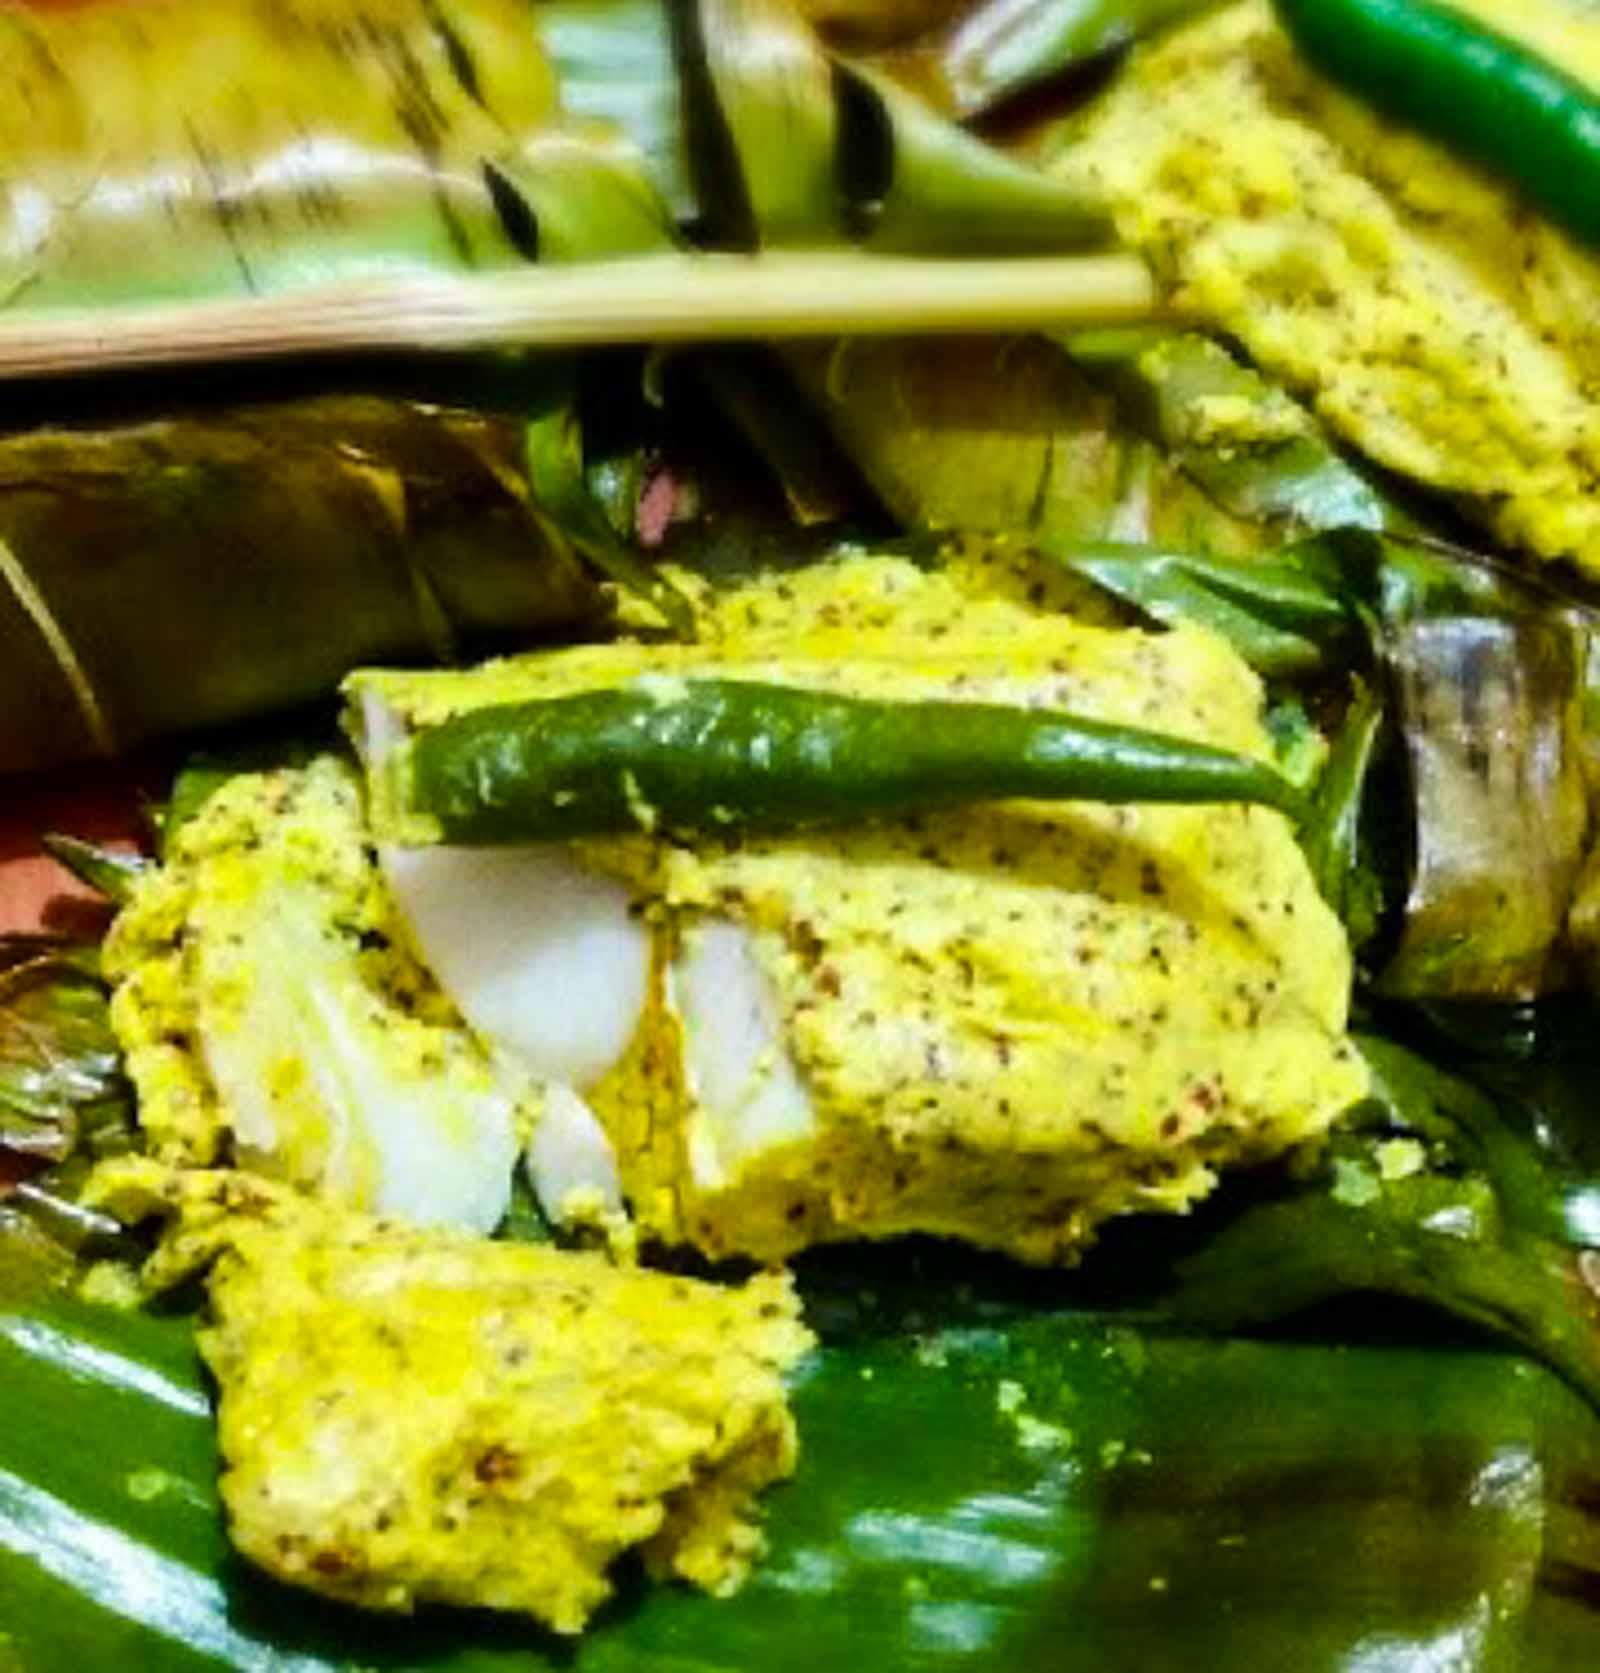 Bengali bhetki macher paturi recipe barramundi fish wrapped in bengali bhetki macher paturi recipe barramundi fish wrapped in banana leaf forumfinder Choice Image